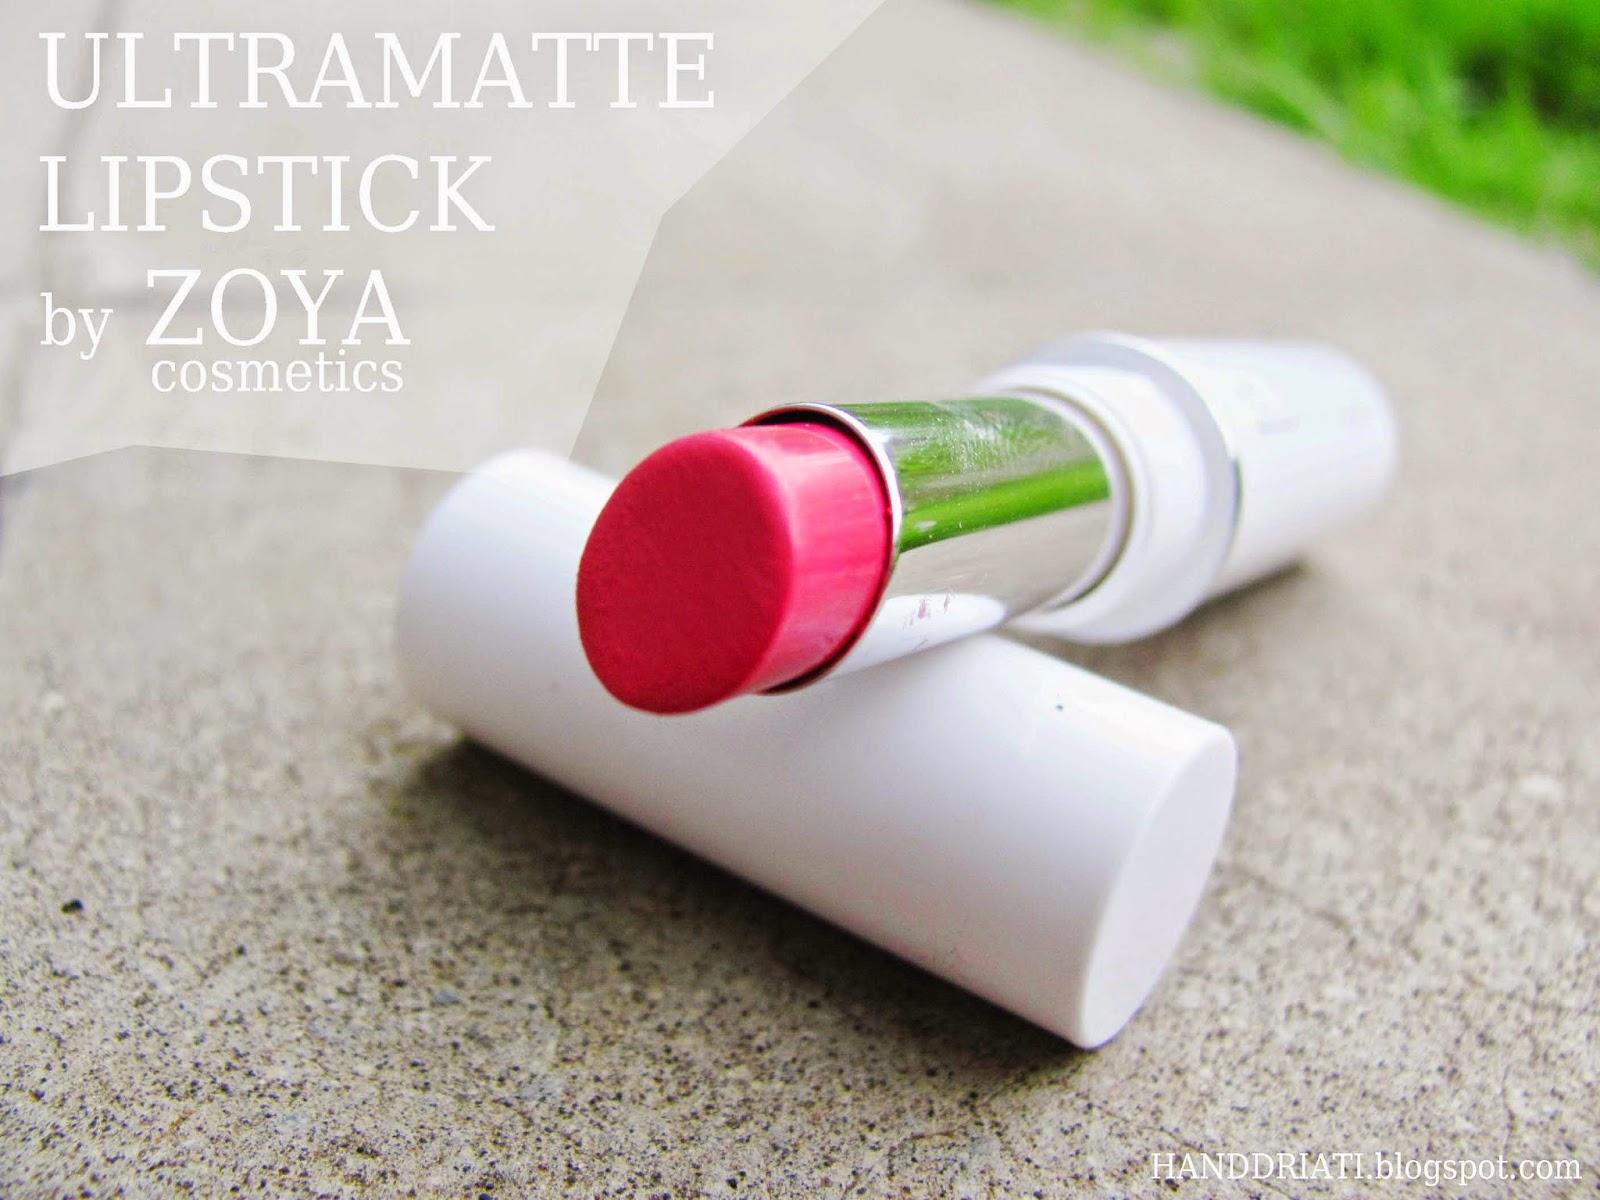 Ultramatte Lipstick by Zoya Cosmetics (Rosette)